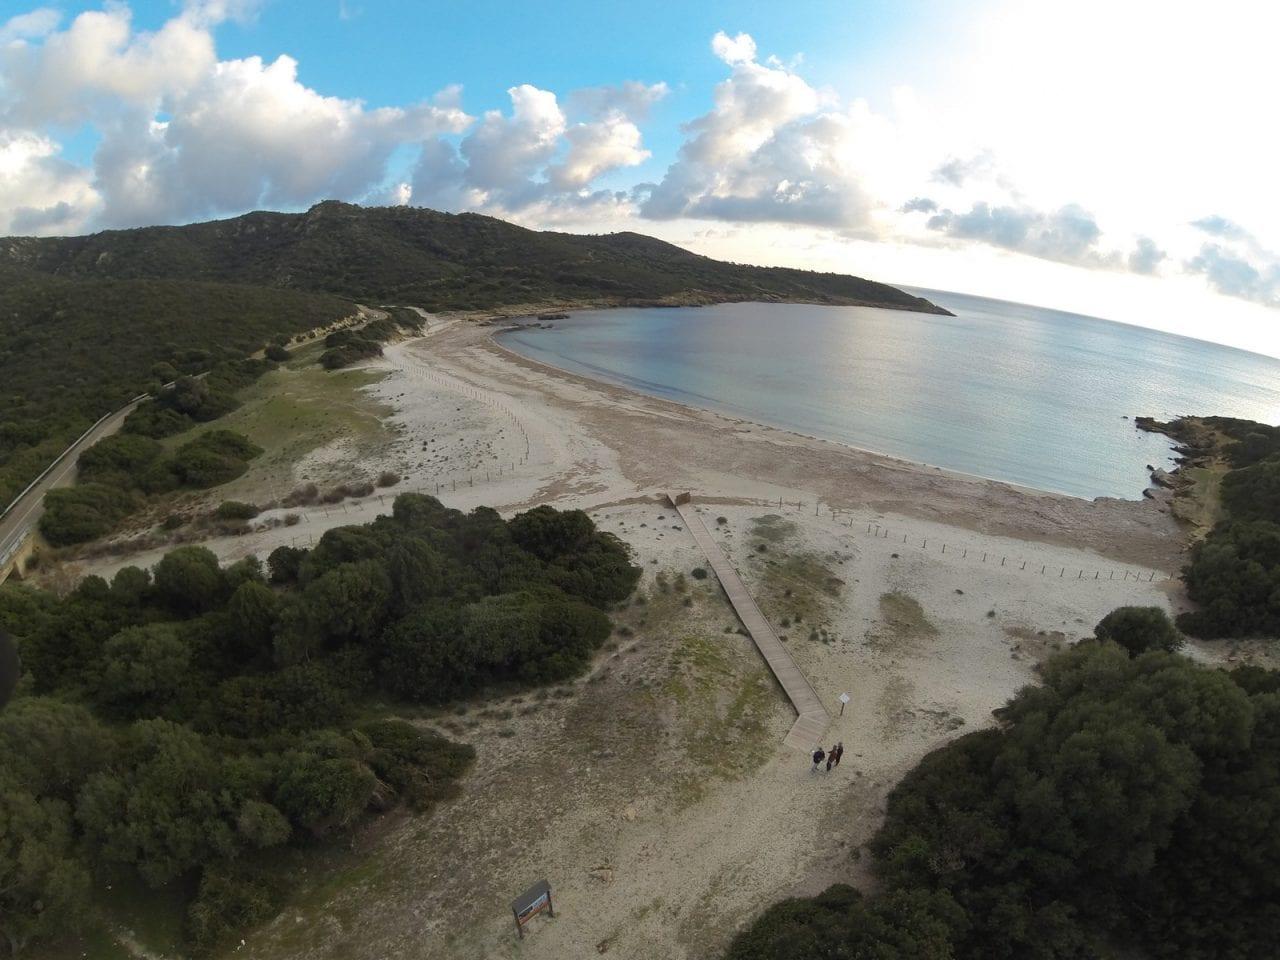 bgf - Al via la settimana di Natale, ma in Sardegna si toccano i 21°C!